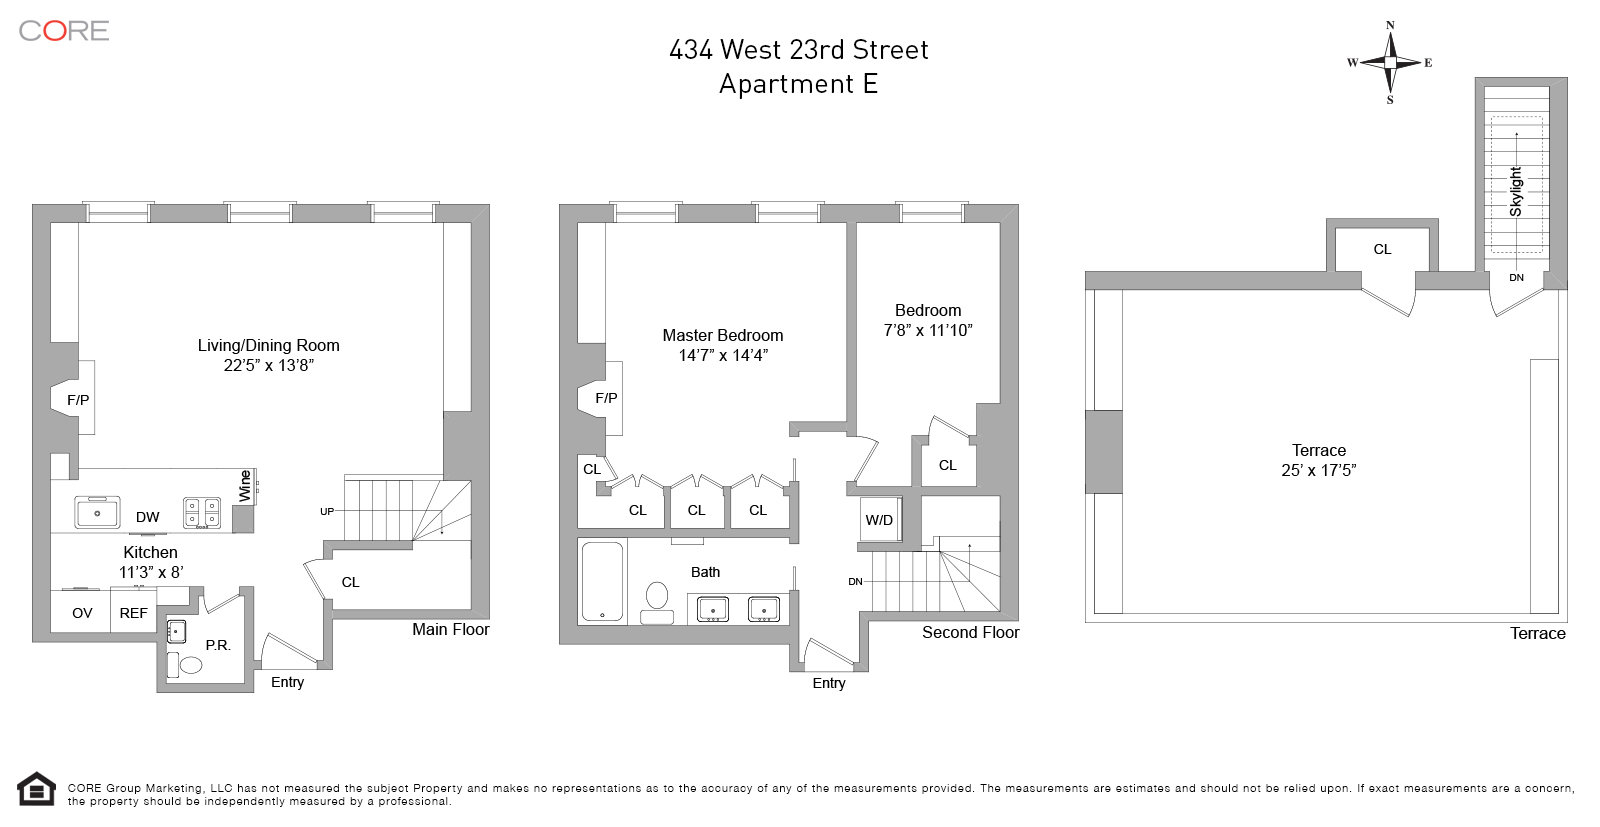 434 West 23rd St. E, New York, NY 10011